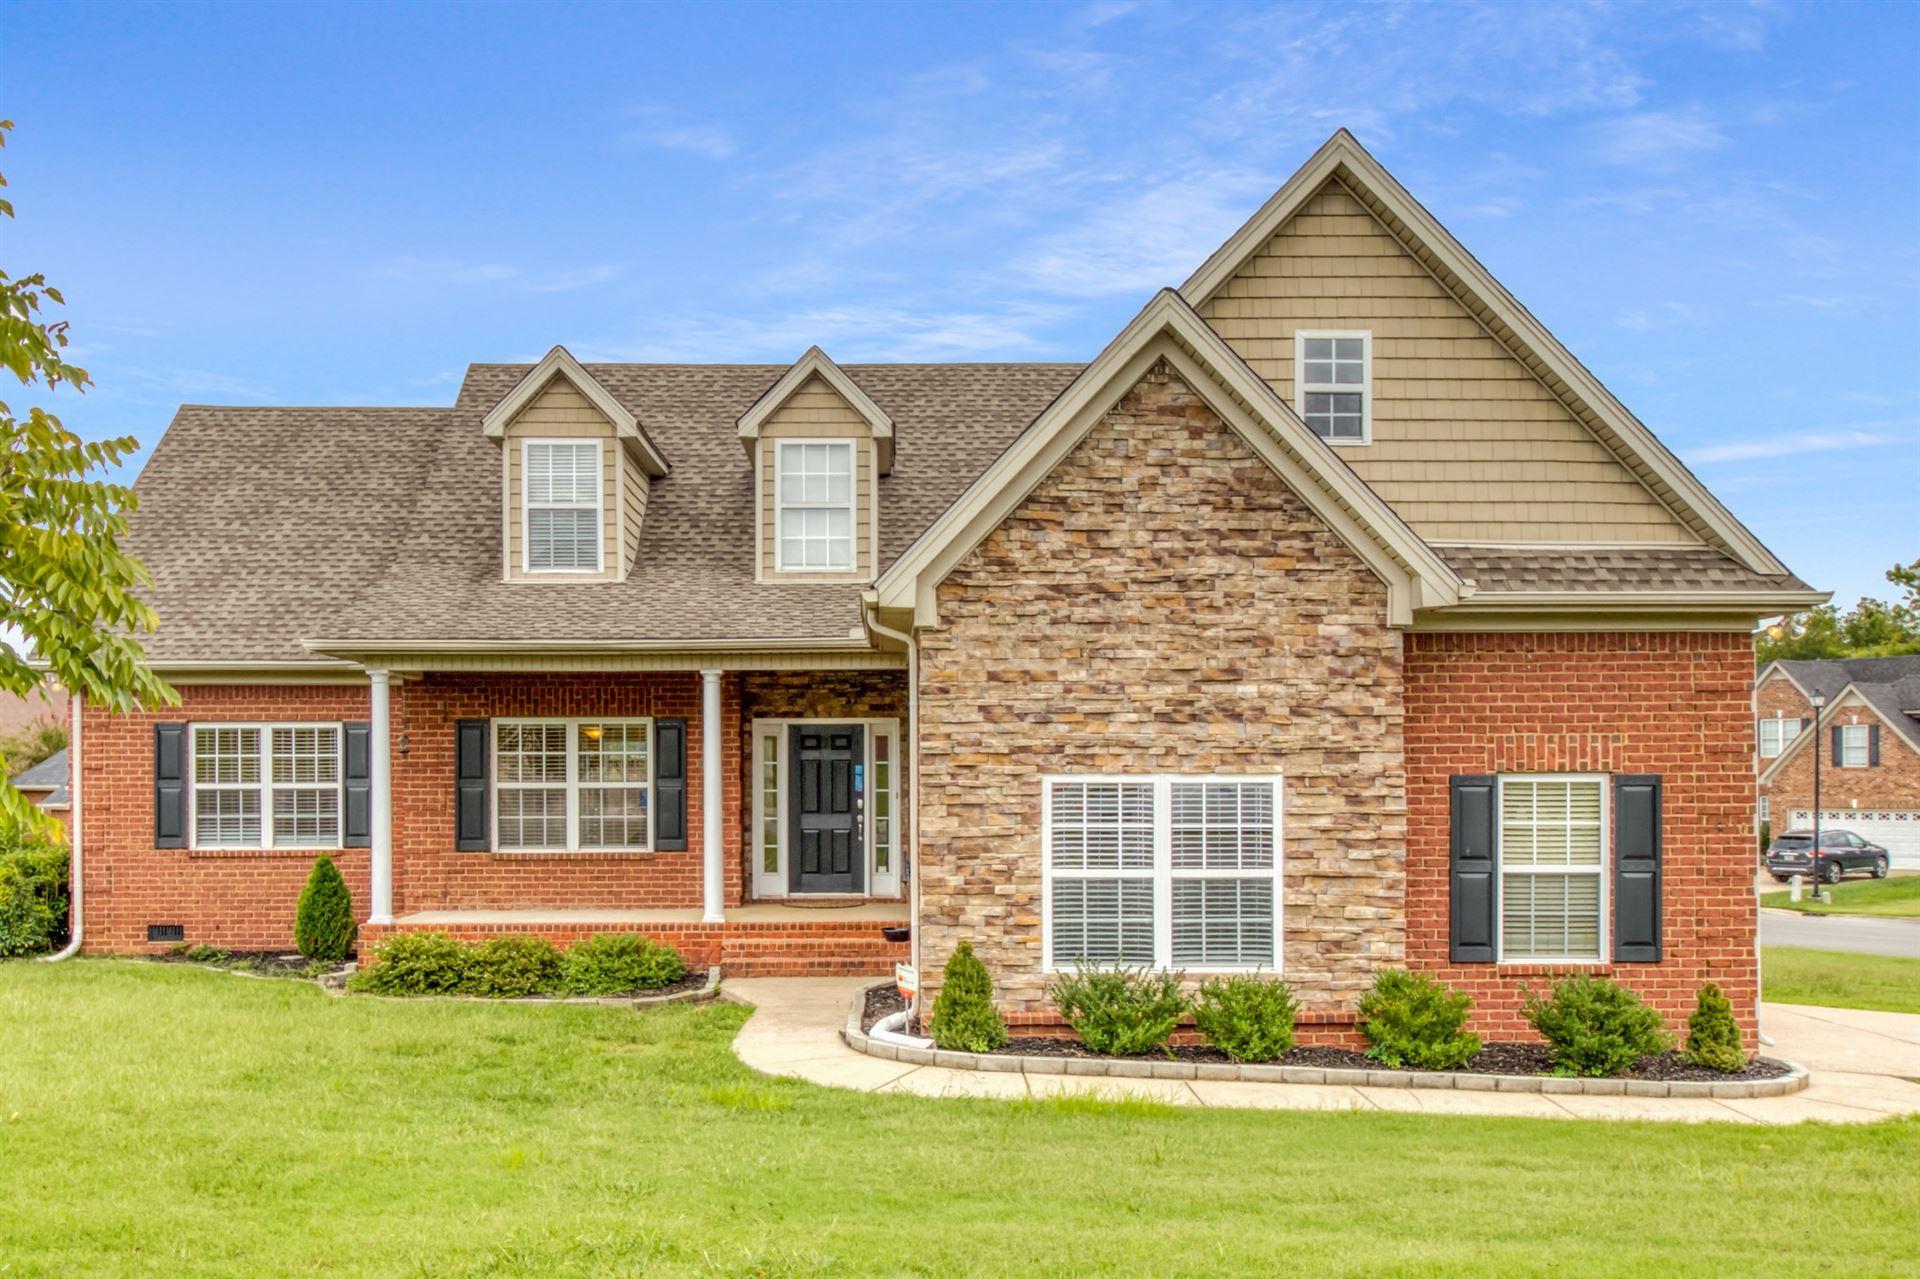 5110 Reagan Dr, Murfreesboro, TN 37129 - MLS#: 2189989